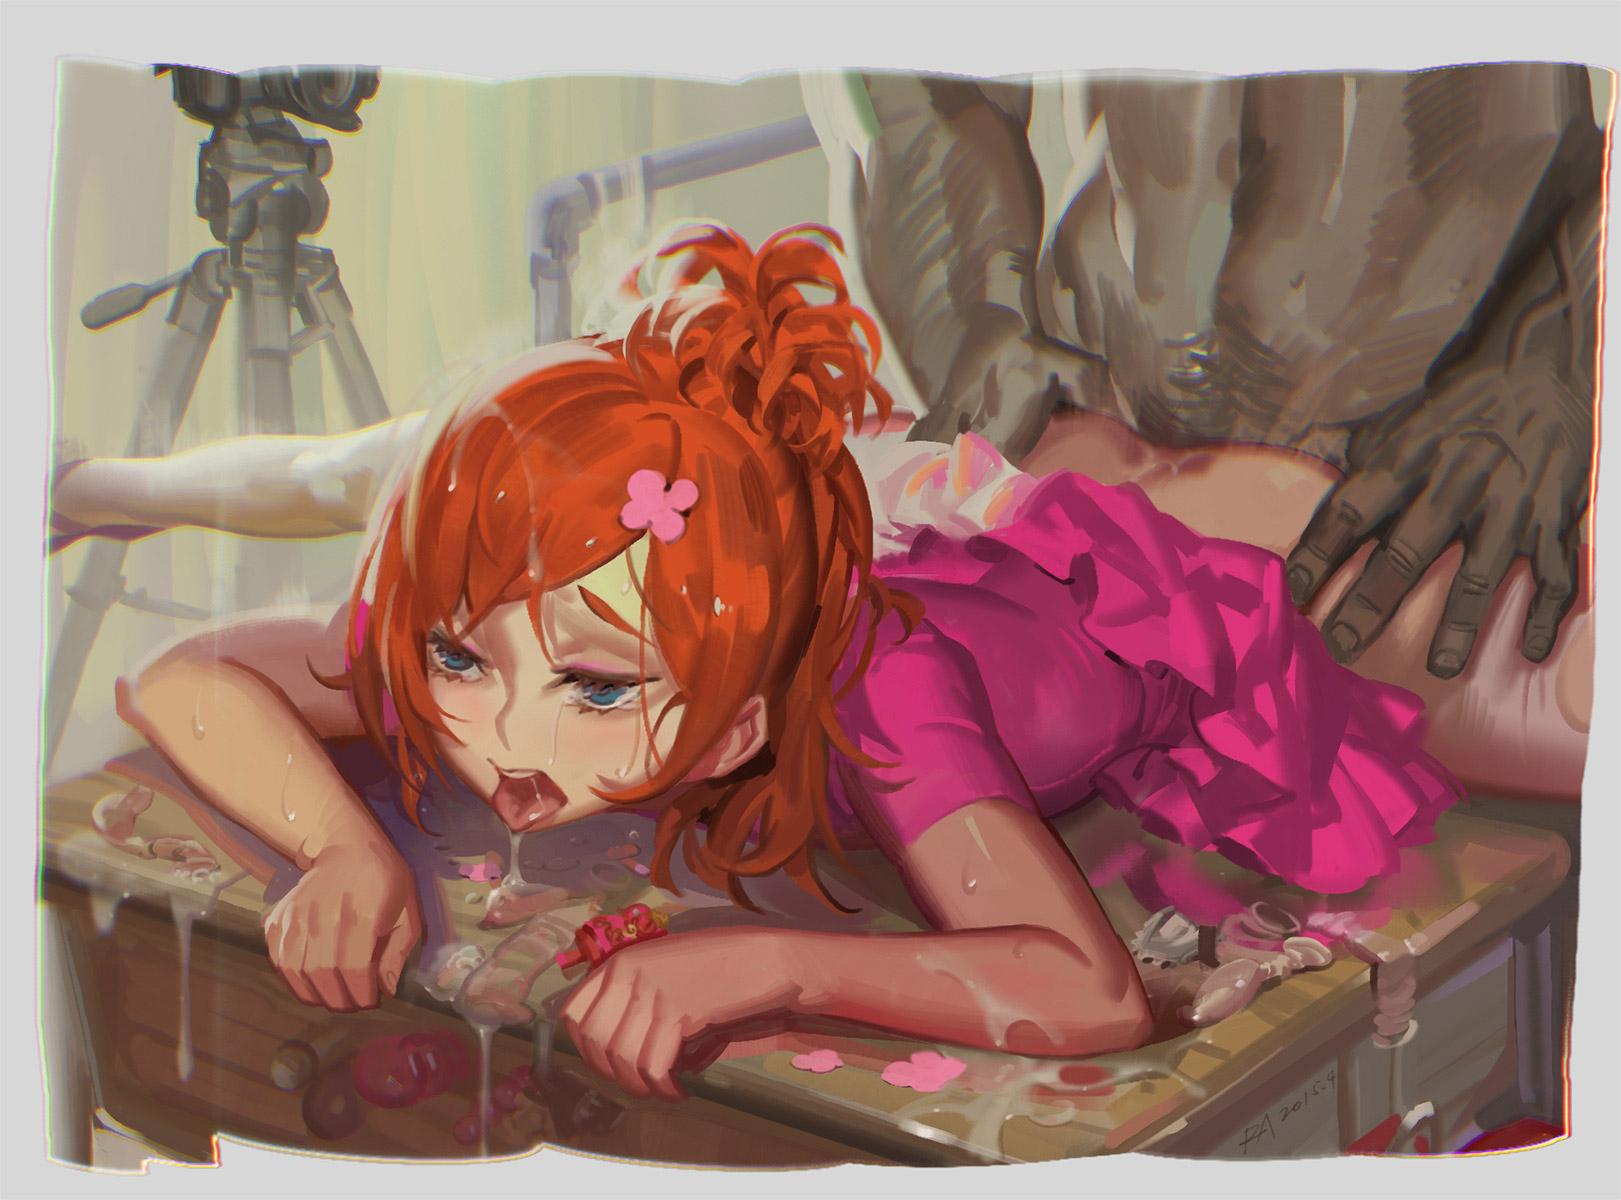 【寝バックエロ画像】力が入らなくなるぐらい感じてベッドに打ち付けられている女の子のイラスト集! 20